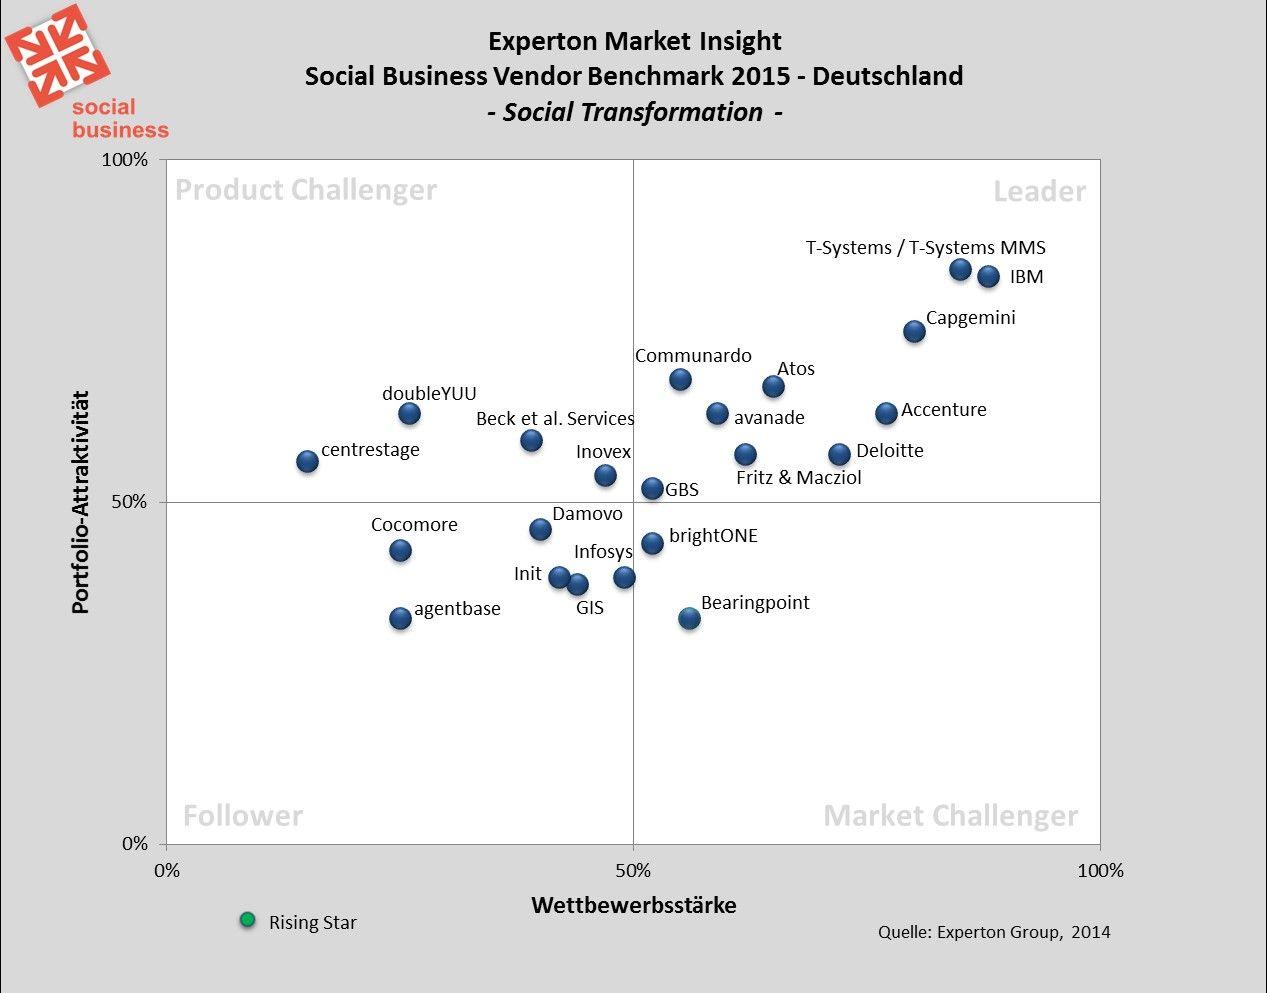 Experton Group: Erste Ergebnisse Social Business Vendor Benchmark 2015